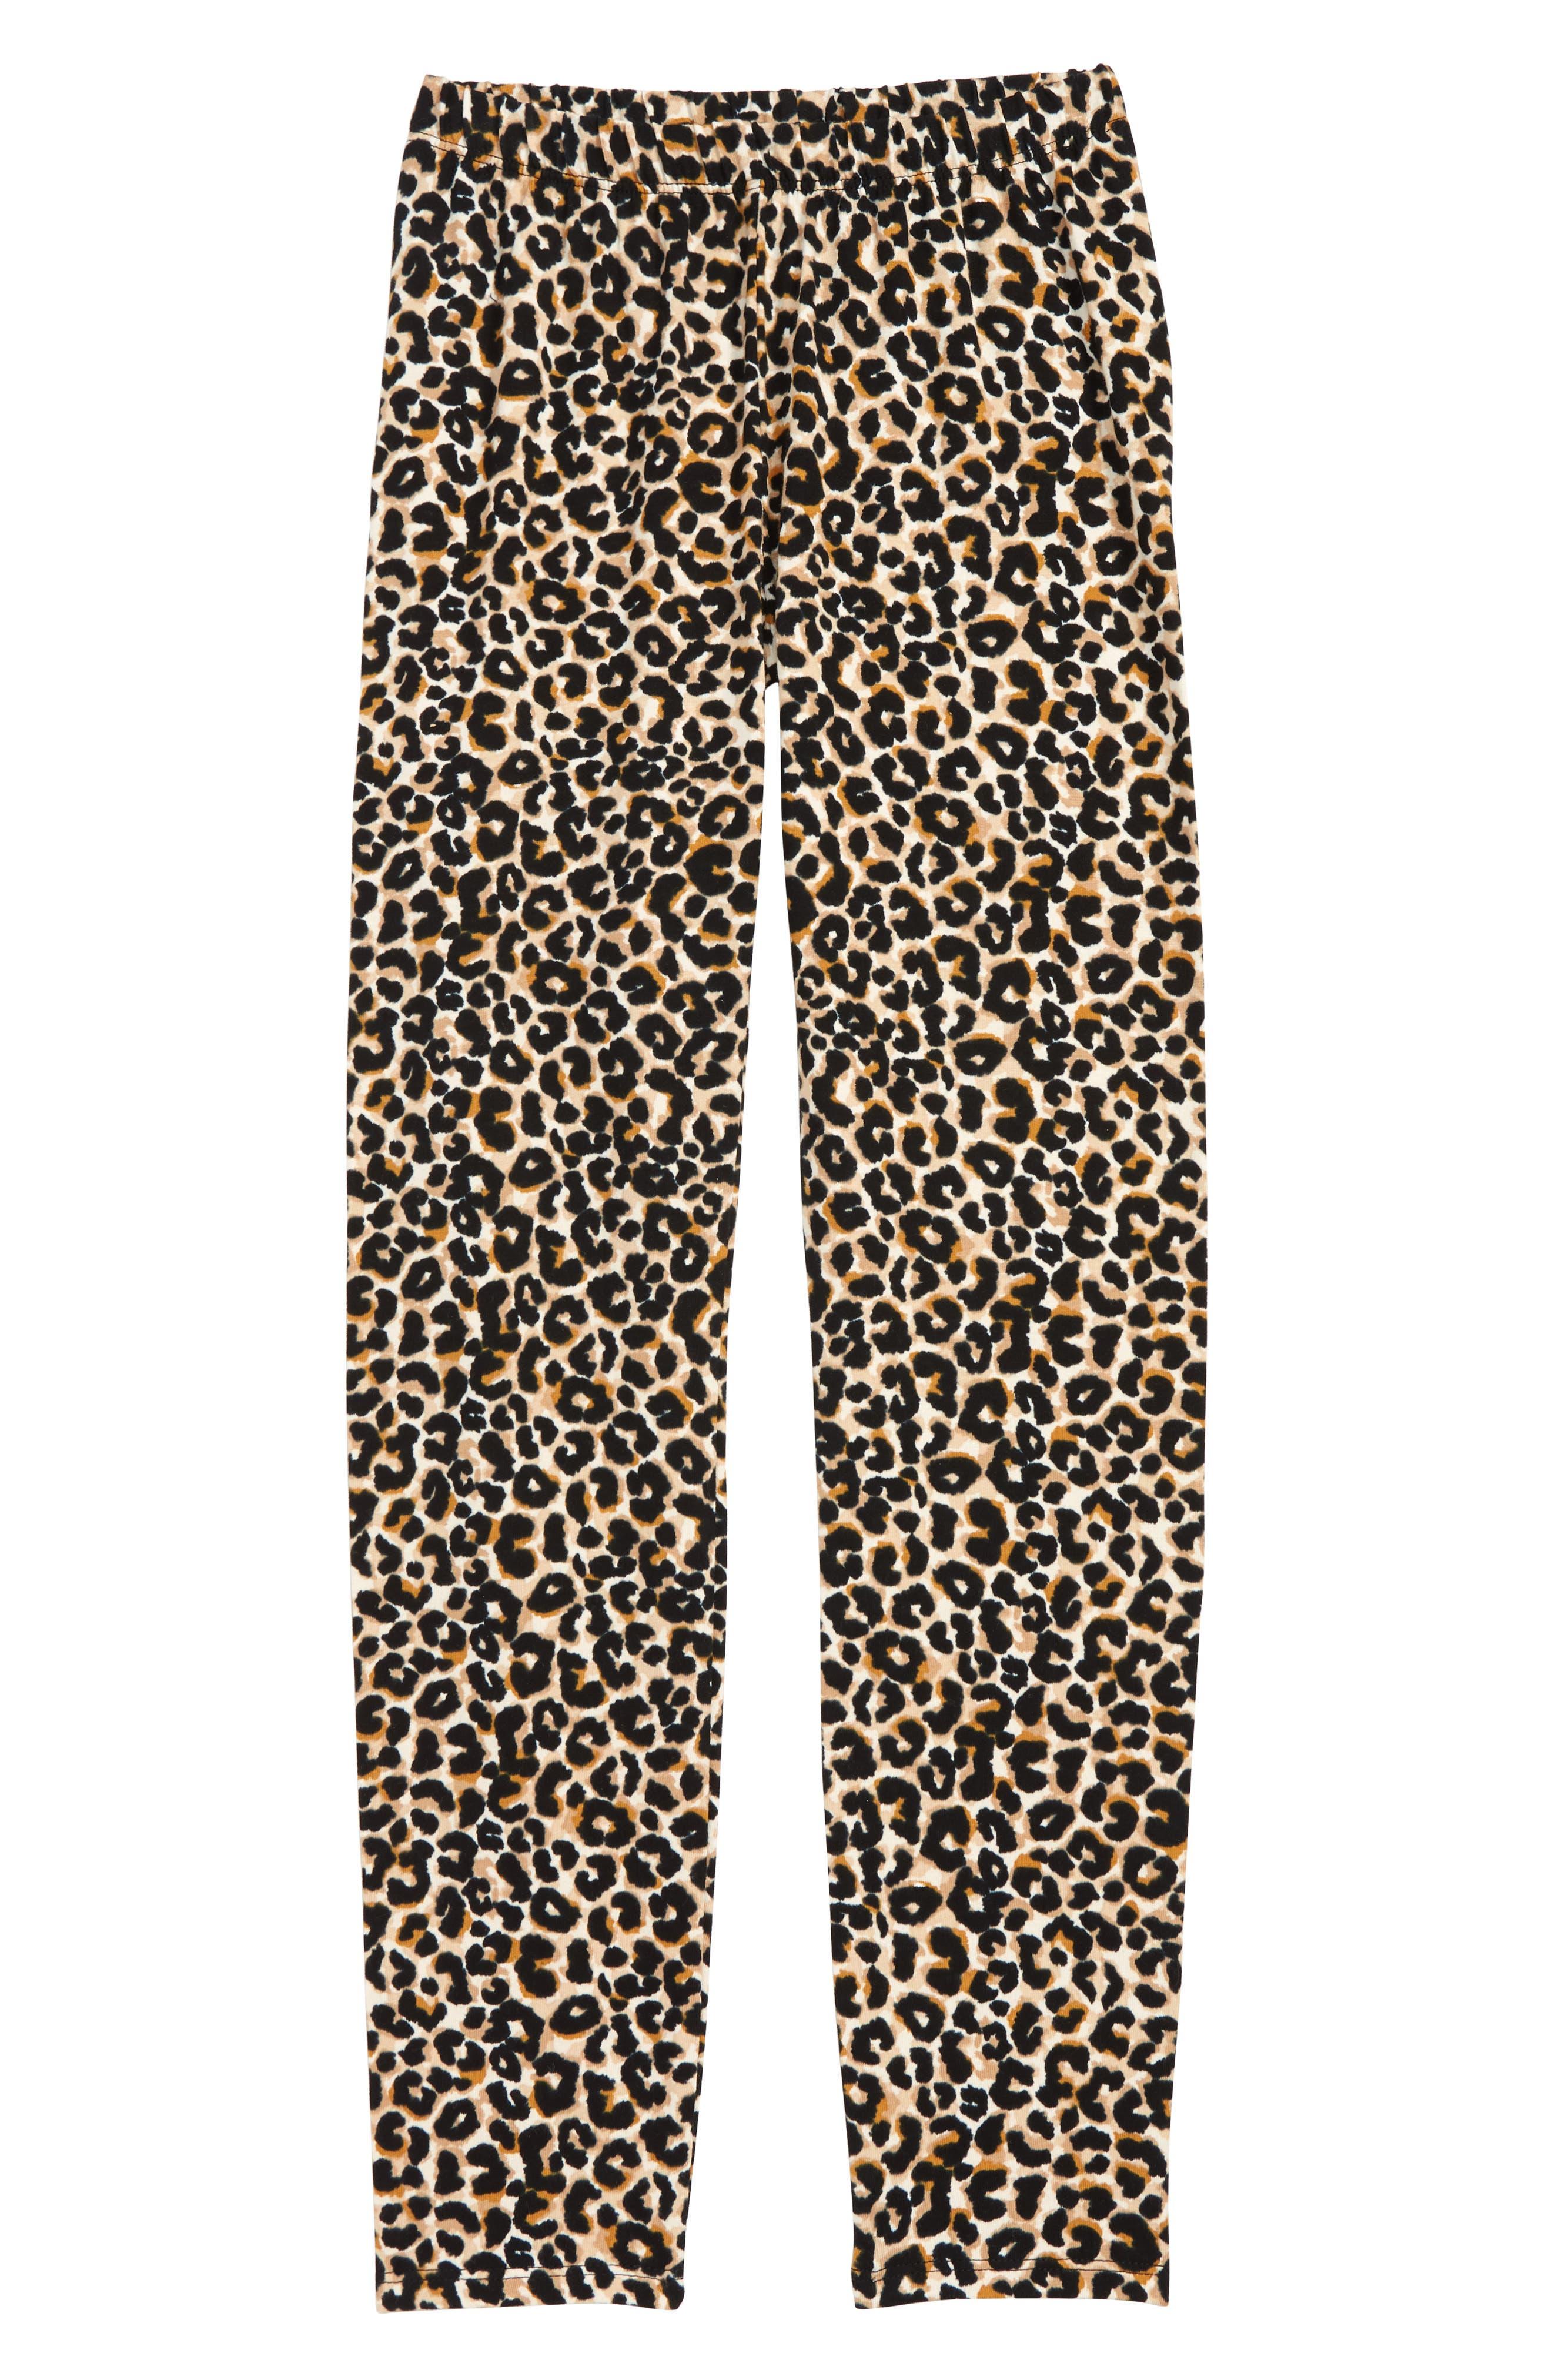 Girls Billabong Leg Up Knit Pants Size S (78)  Black